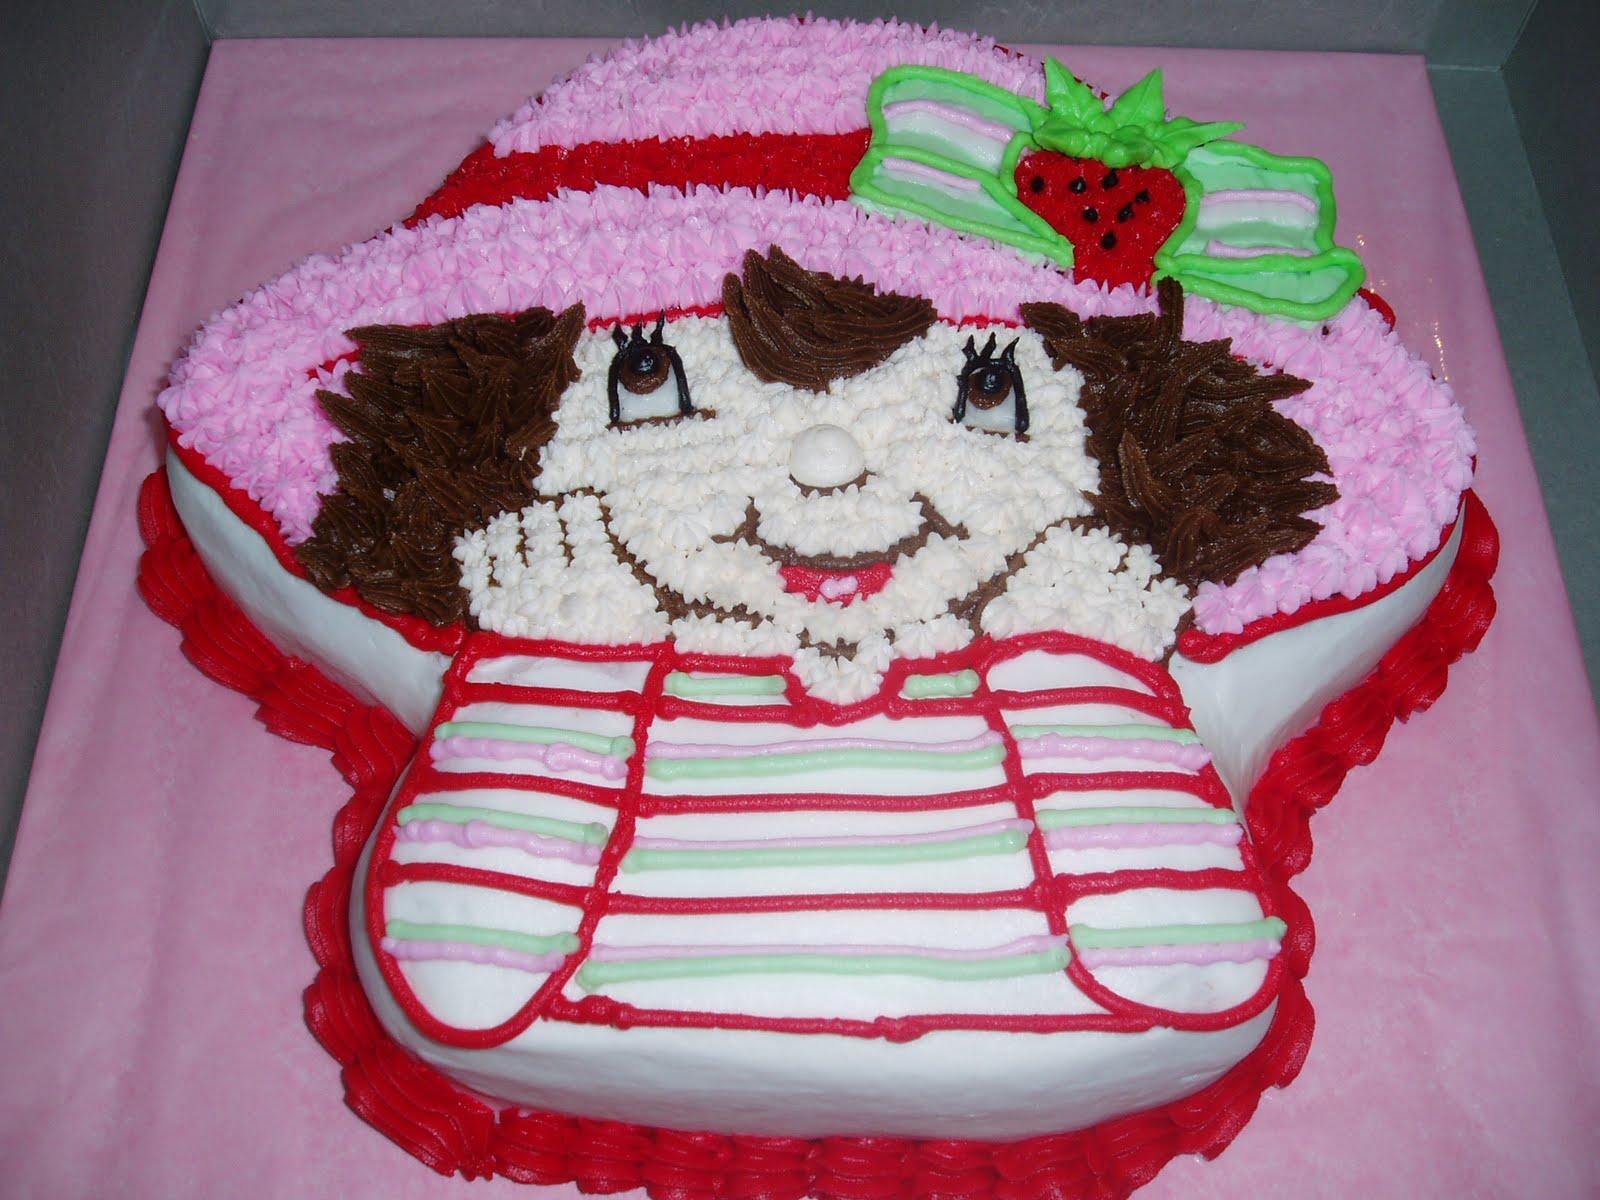 Birthday Cake: Strawberry Shortcake Themed Cakes